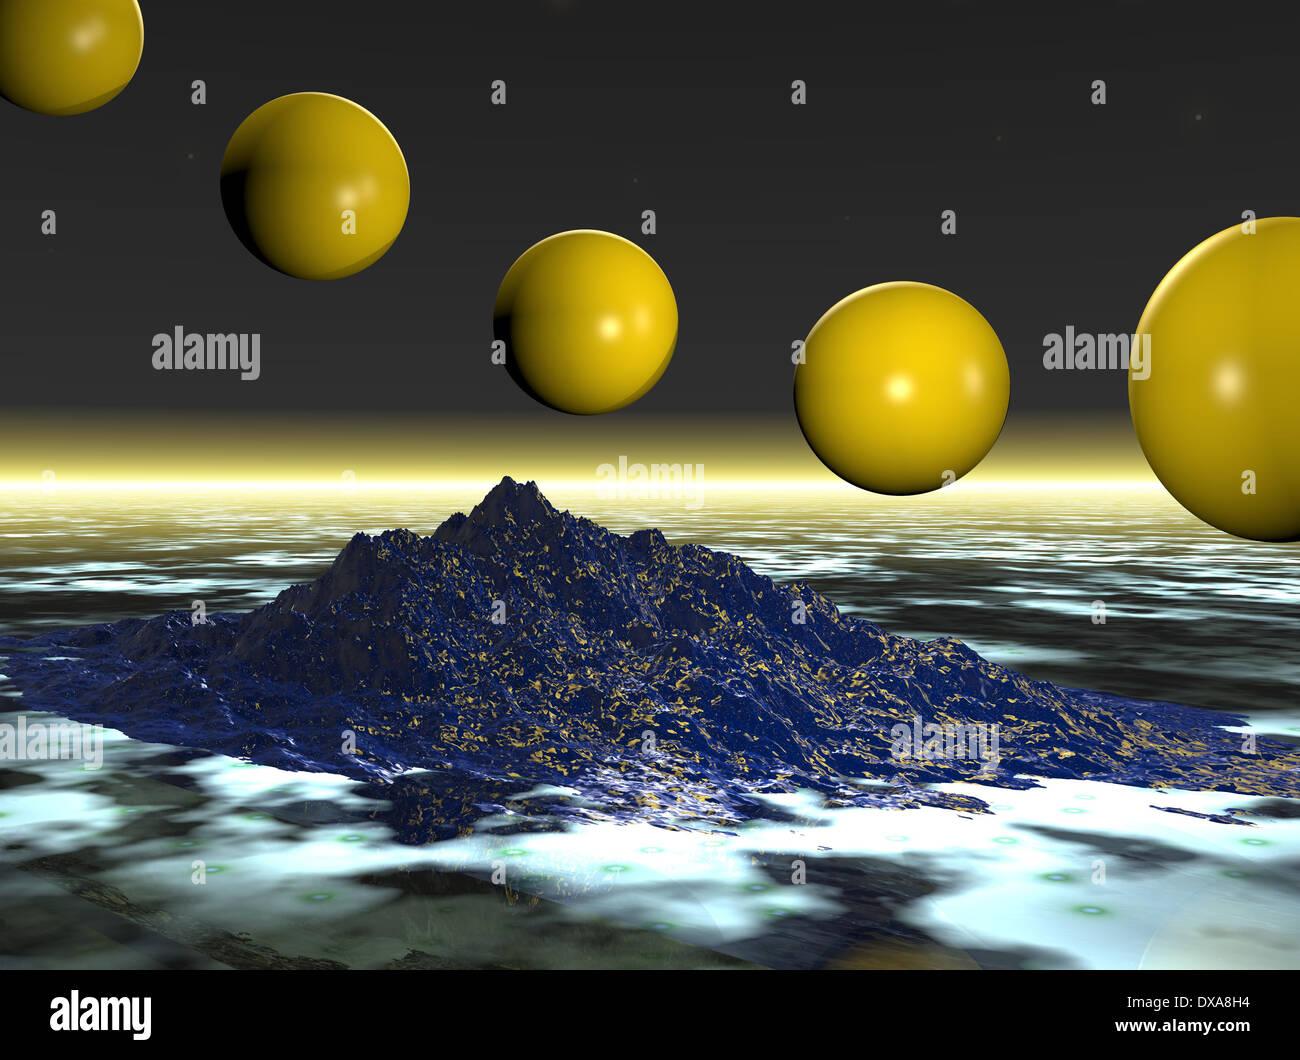 Computer Generated: Fliegen Kugeln auf Insel Hintergrund Stockbild